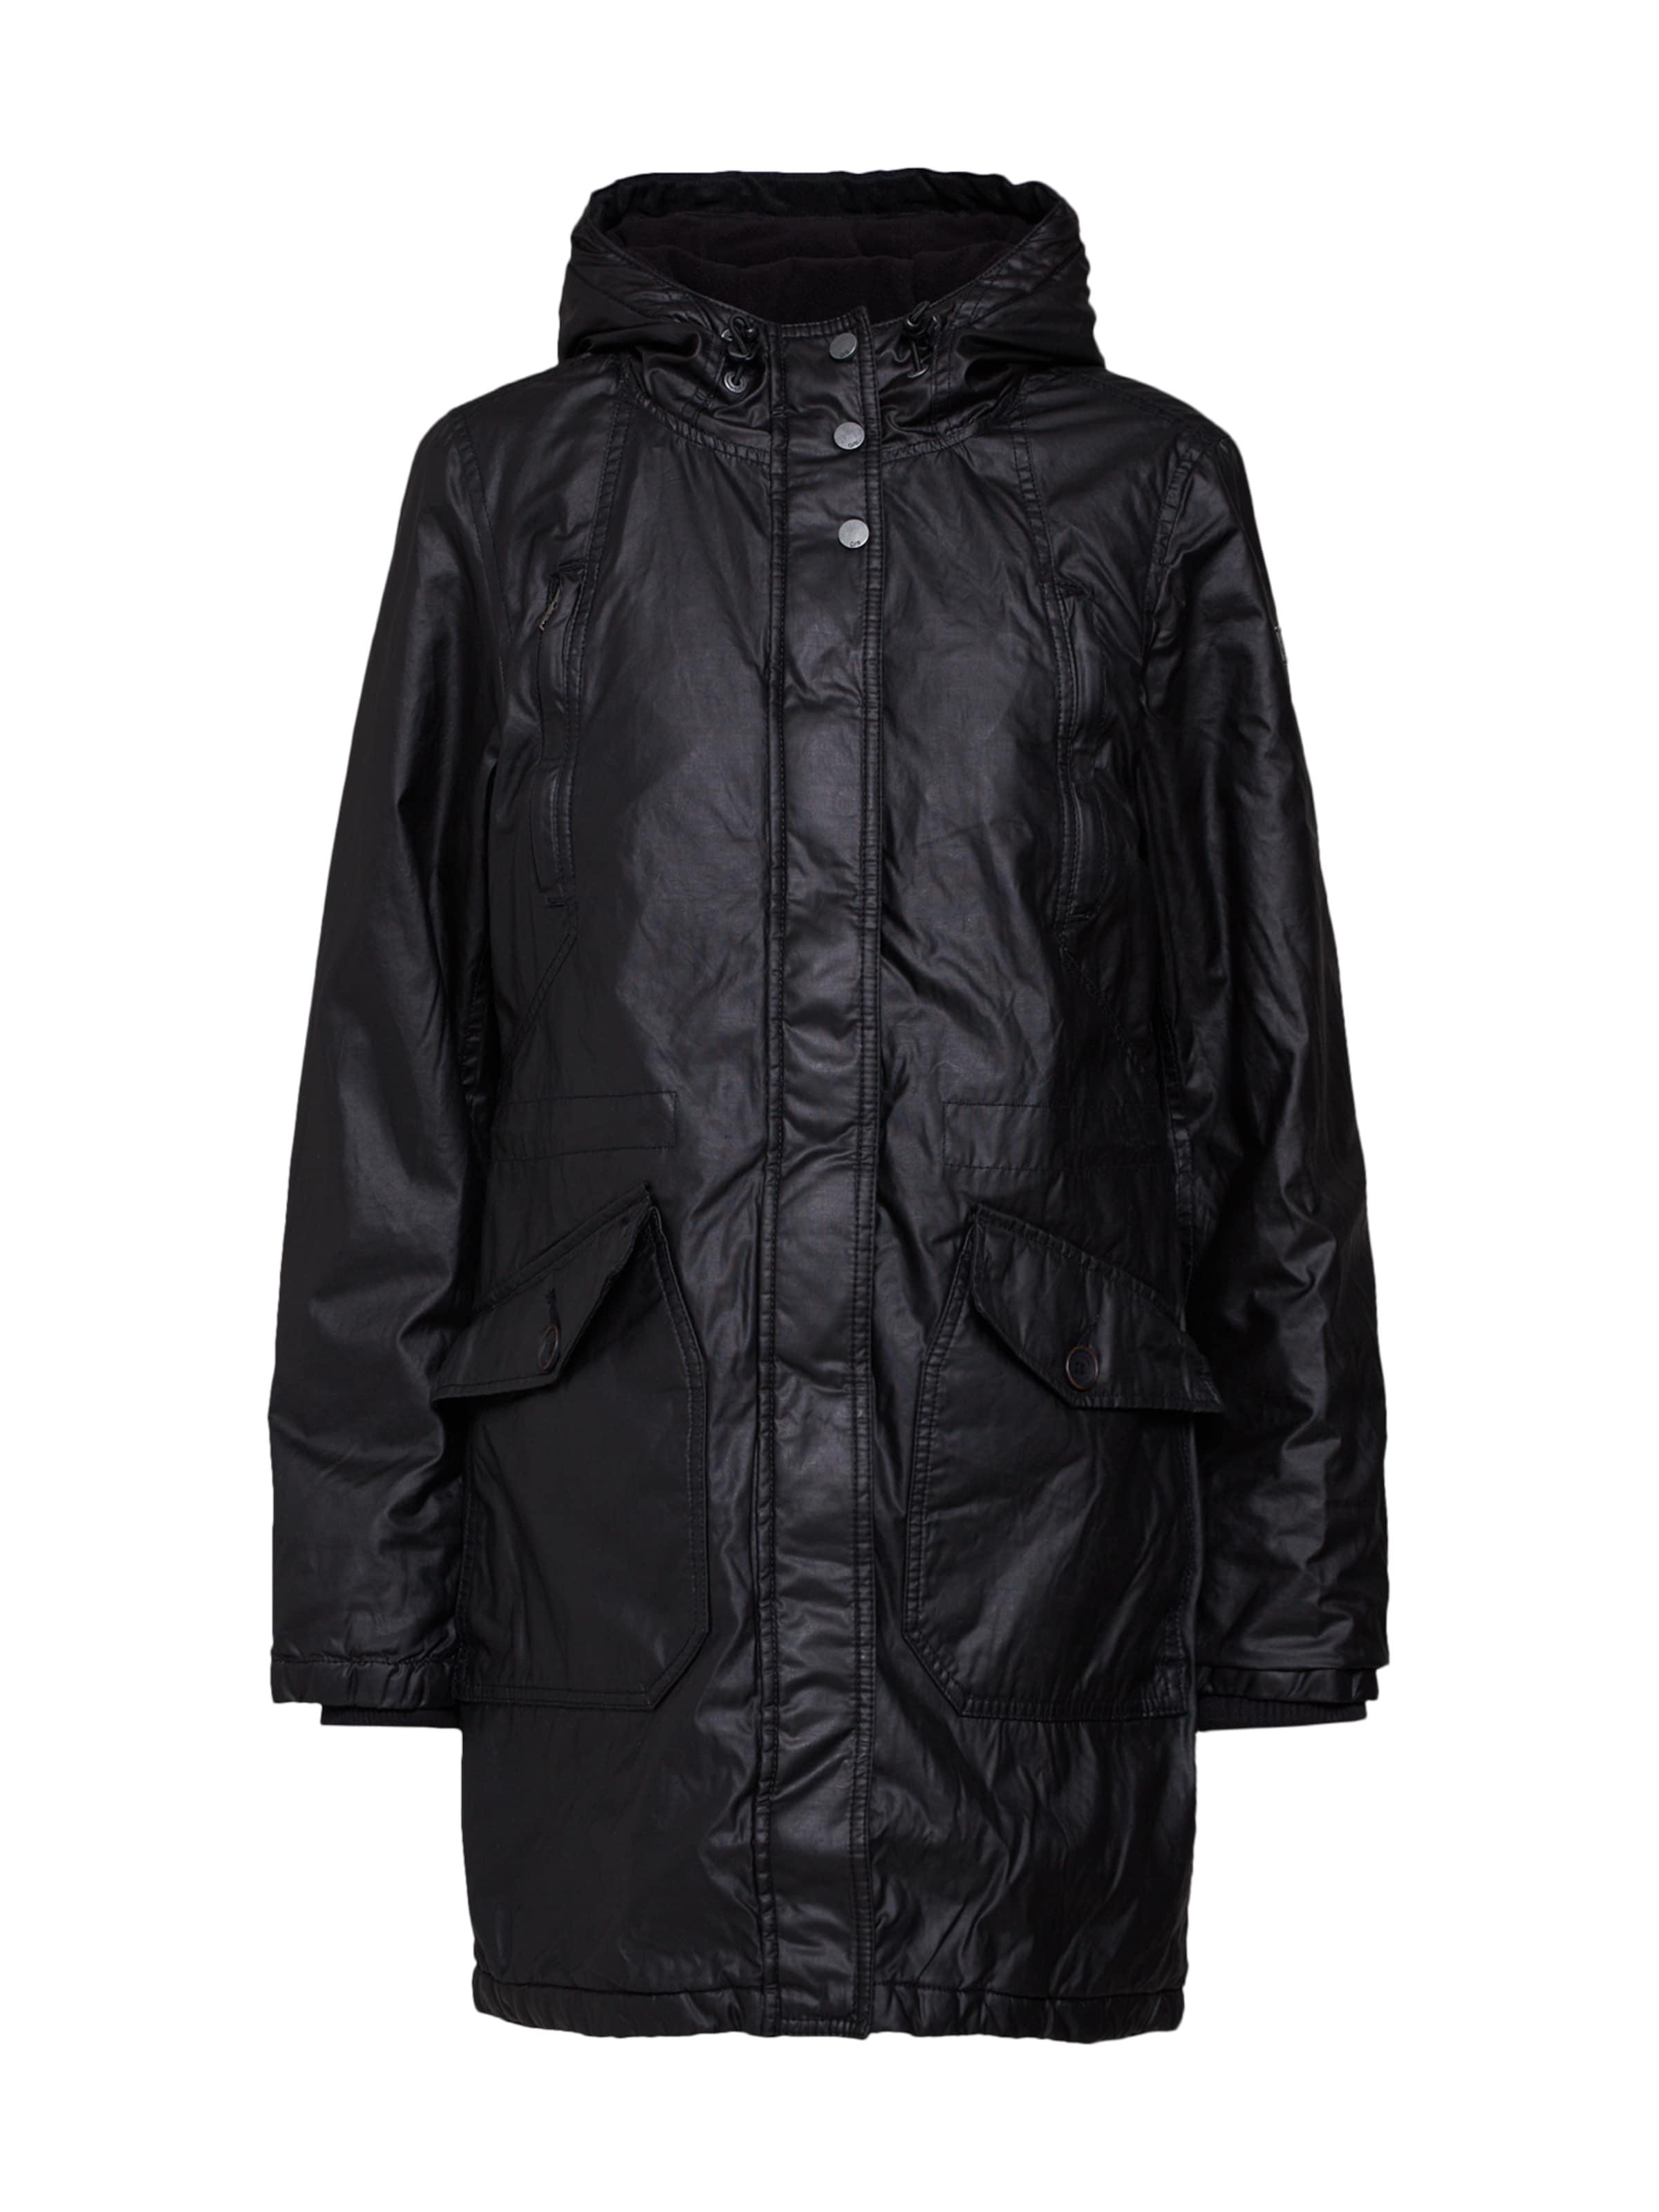 Designed saison Noir By Mi s En Manteau Q W9YIEDH2